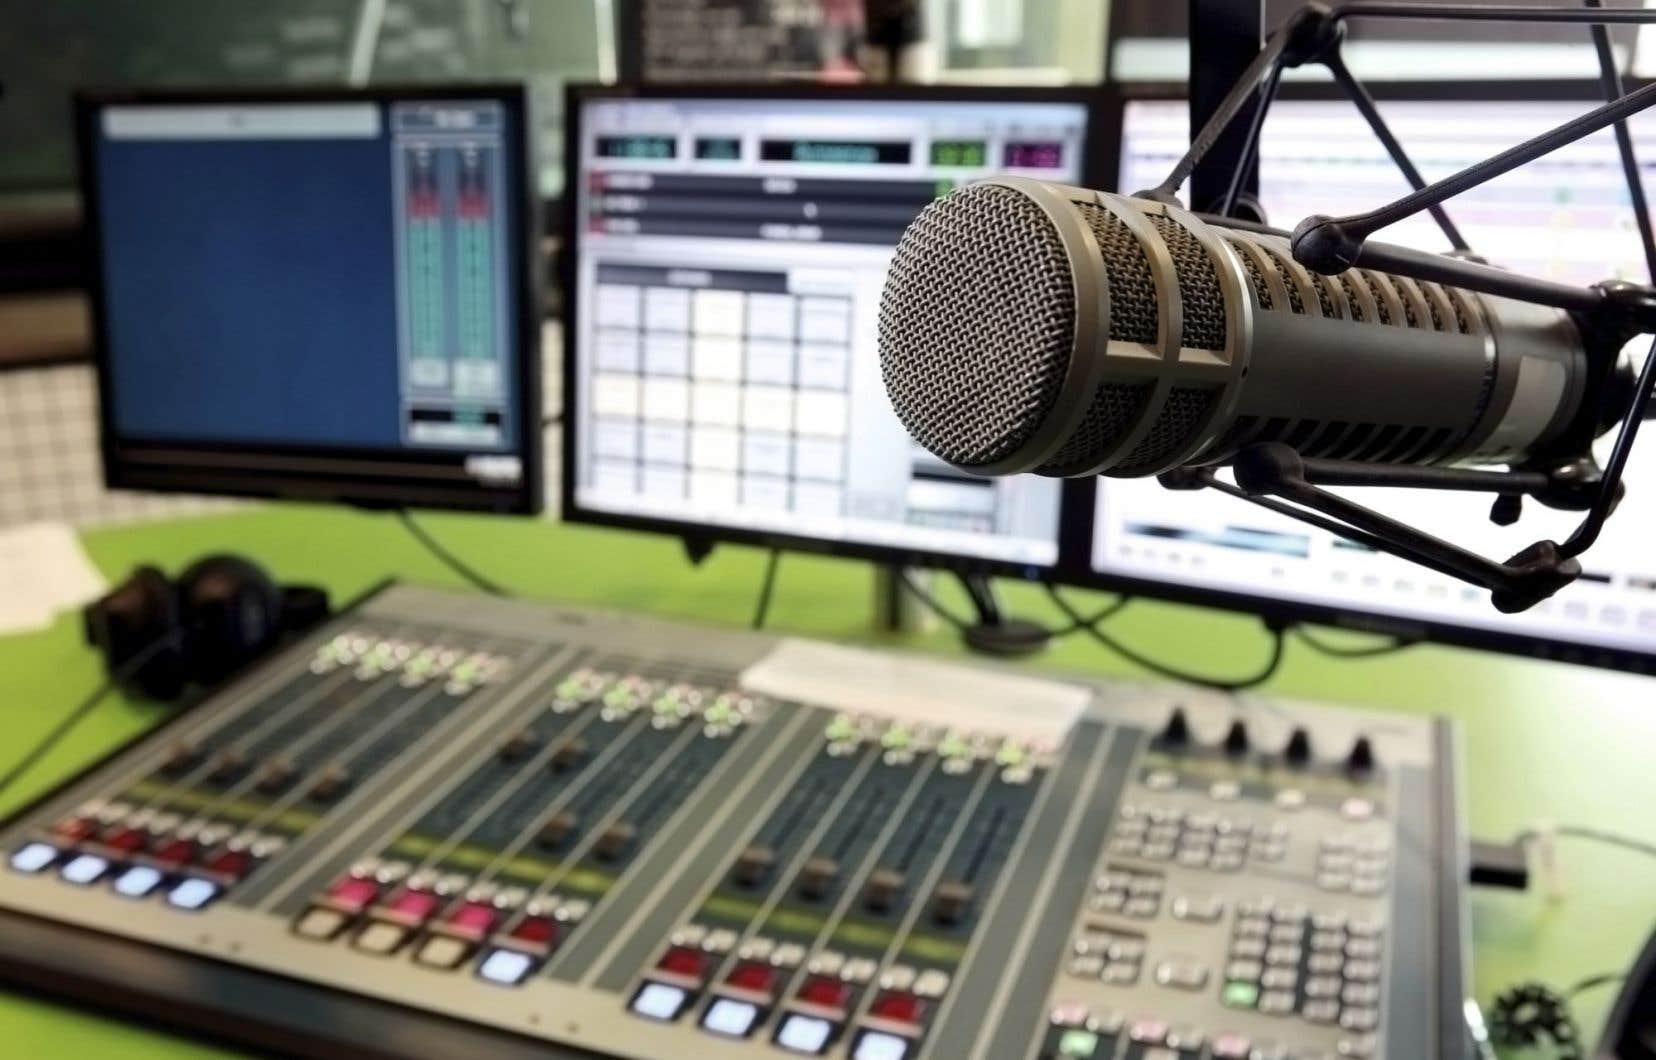 Deux initiatives parallèles — et complémentaires — ont vu le jour récemment sous la forme d'applications mobiles pour téléphones et tablettes, qui servent d'agrégateurs de stations de radio.